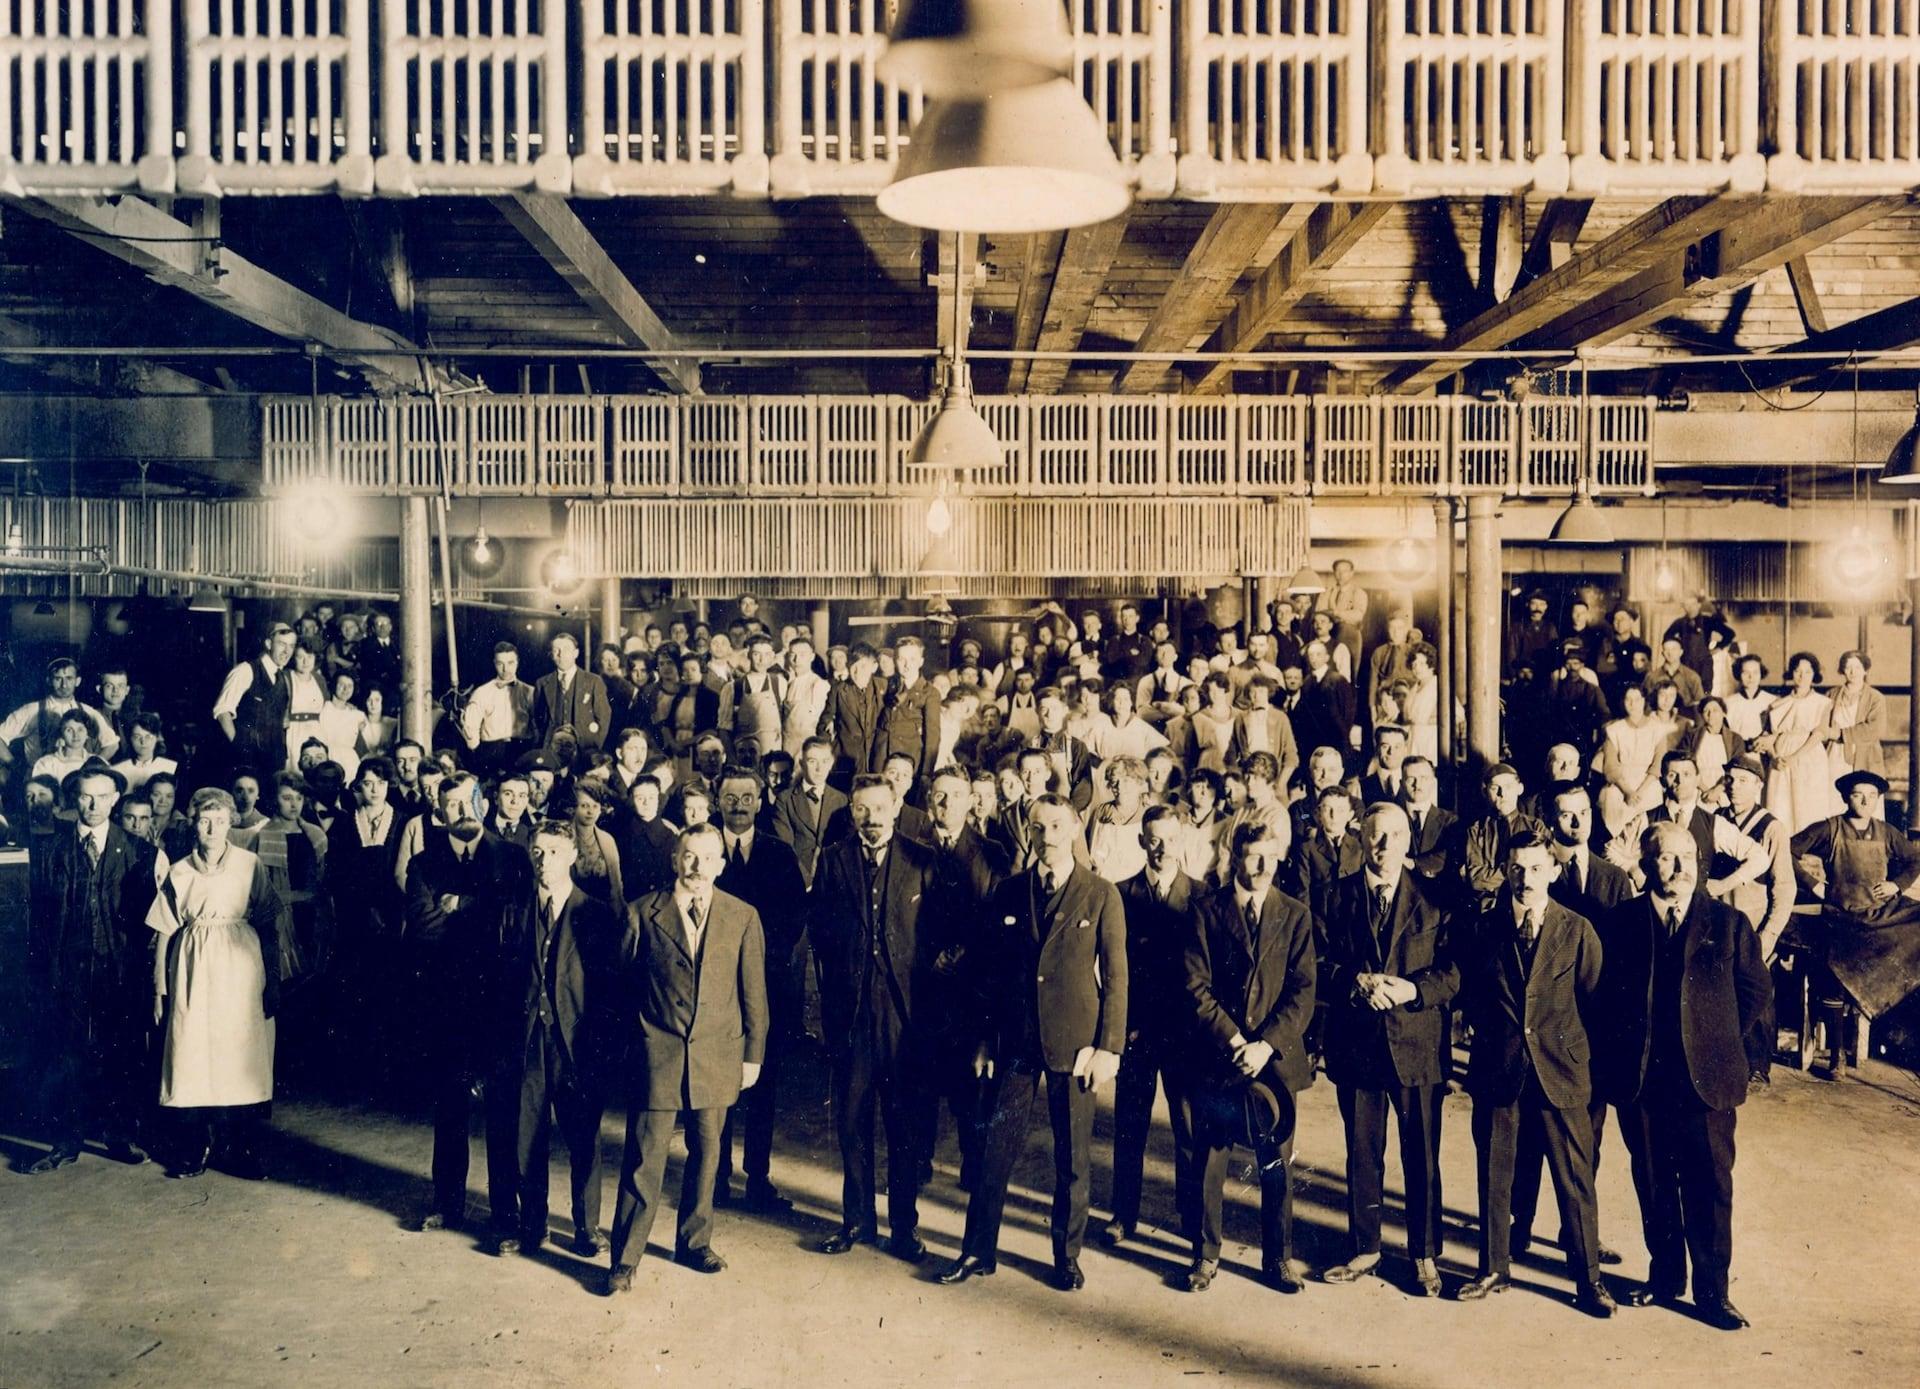 Les premiers employés de la Commission des liqueurs prennent la pose pour un portrait officiel. Ils sont nombreux. Au premier rang, on voit plusieurs hommes bien mis, sans doute les administrateurs.